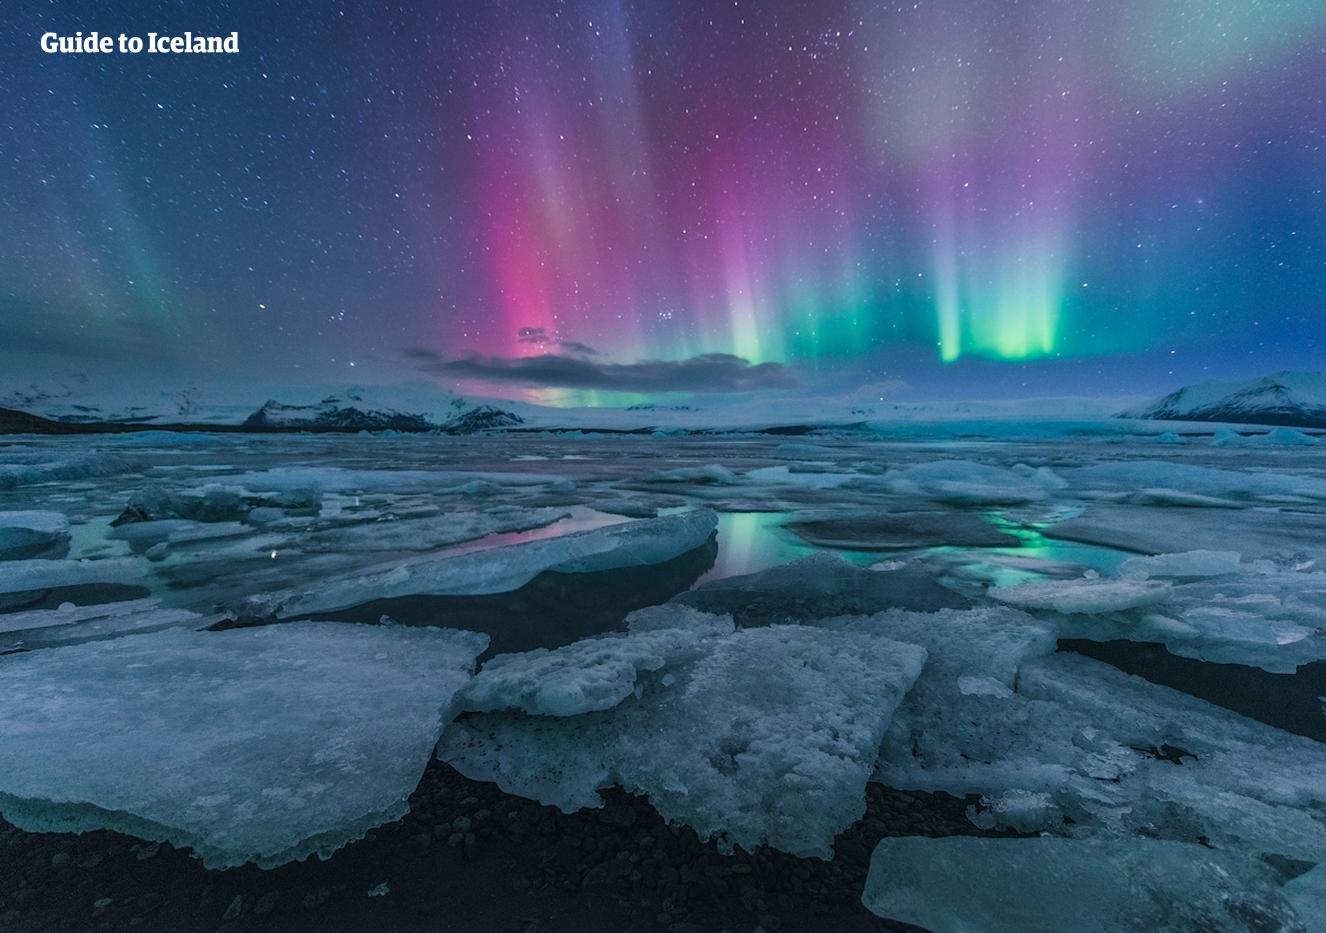 Piękna zorza polarna tańcząca na niebie nad laguną lodowcową Jökulsárlón.